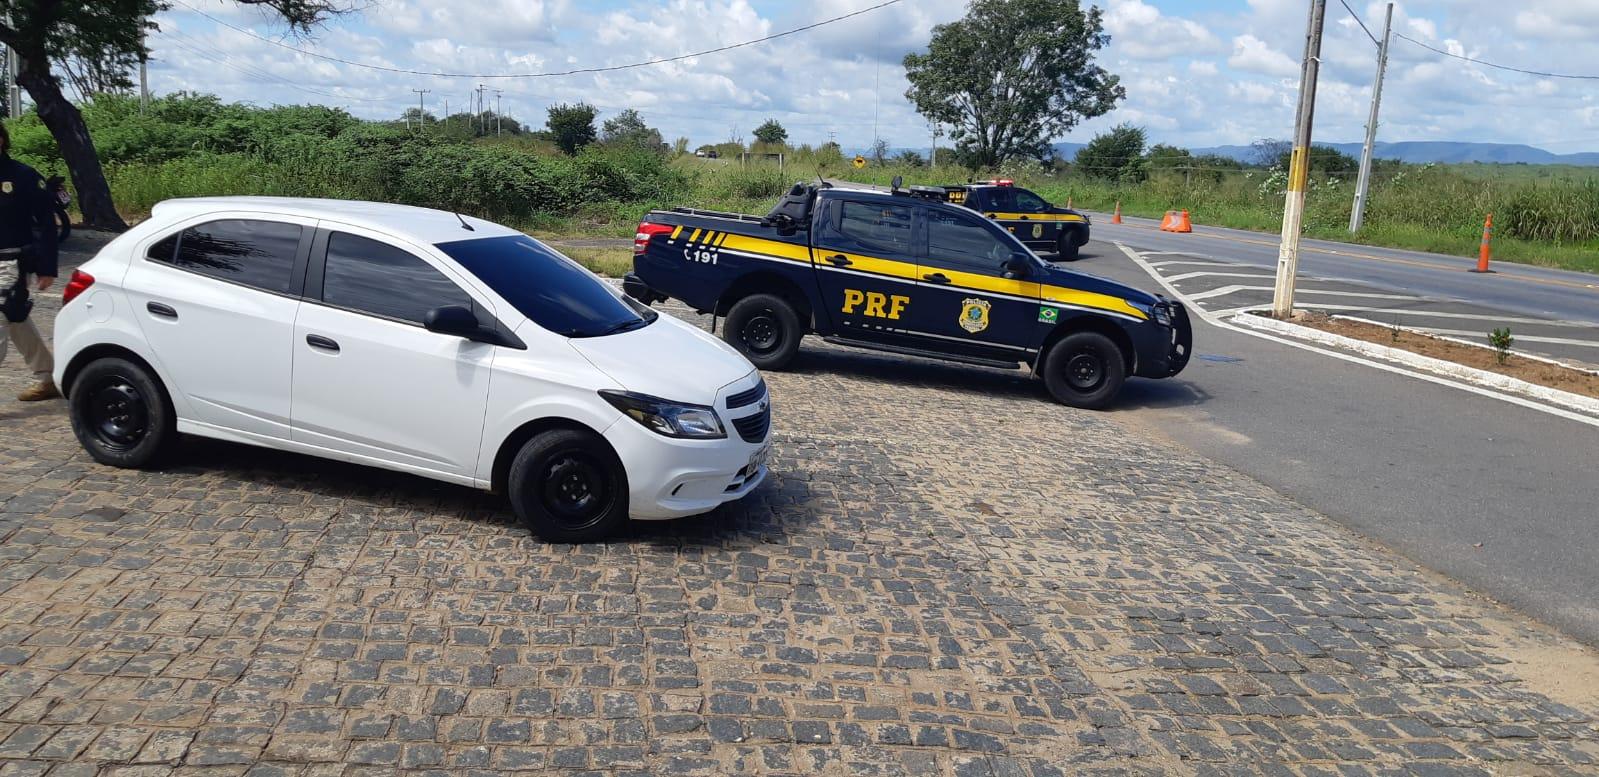 WhatsApp Image 2020 05 29 at 15.51.51 - Veículo roubado em Brasília é recuperado pela PRF na Paraíba durante Operação Tamoio